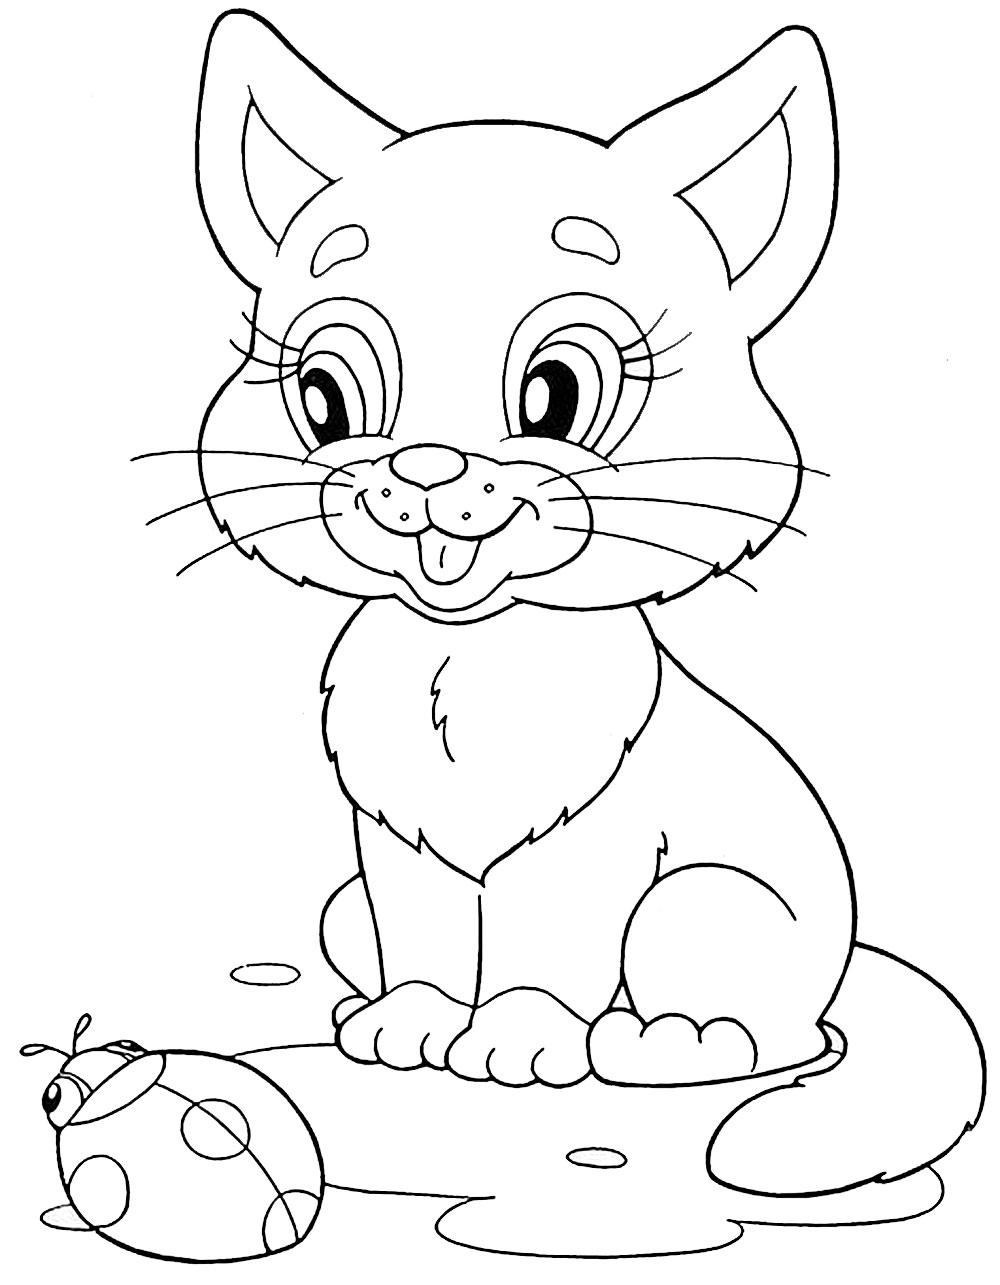 Котенок с божьей коровкой Распечатываем раскраски цветы бесплатно